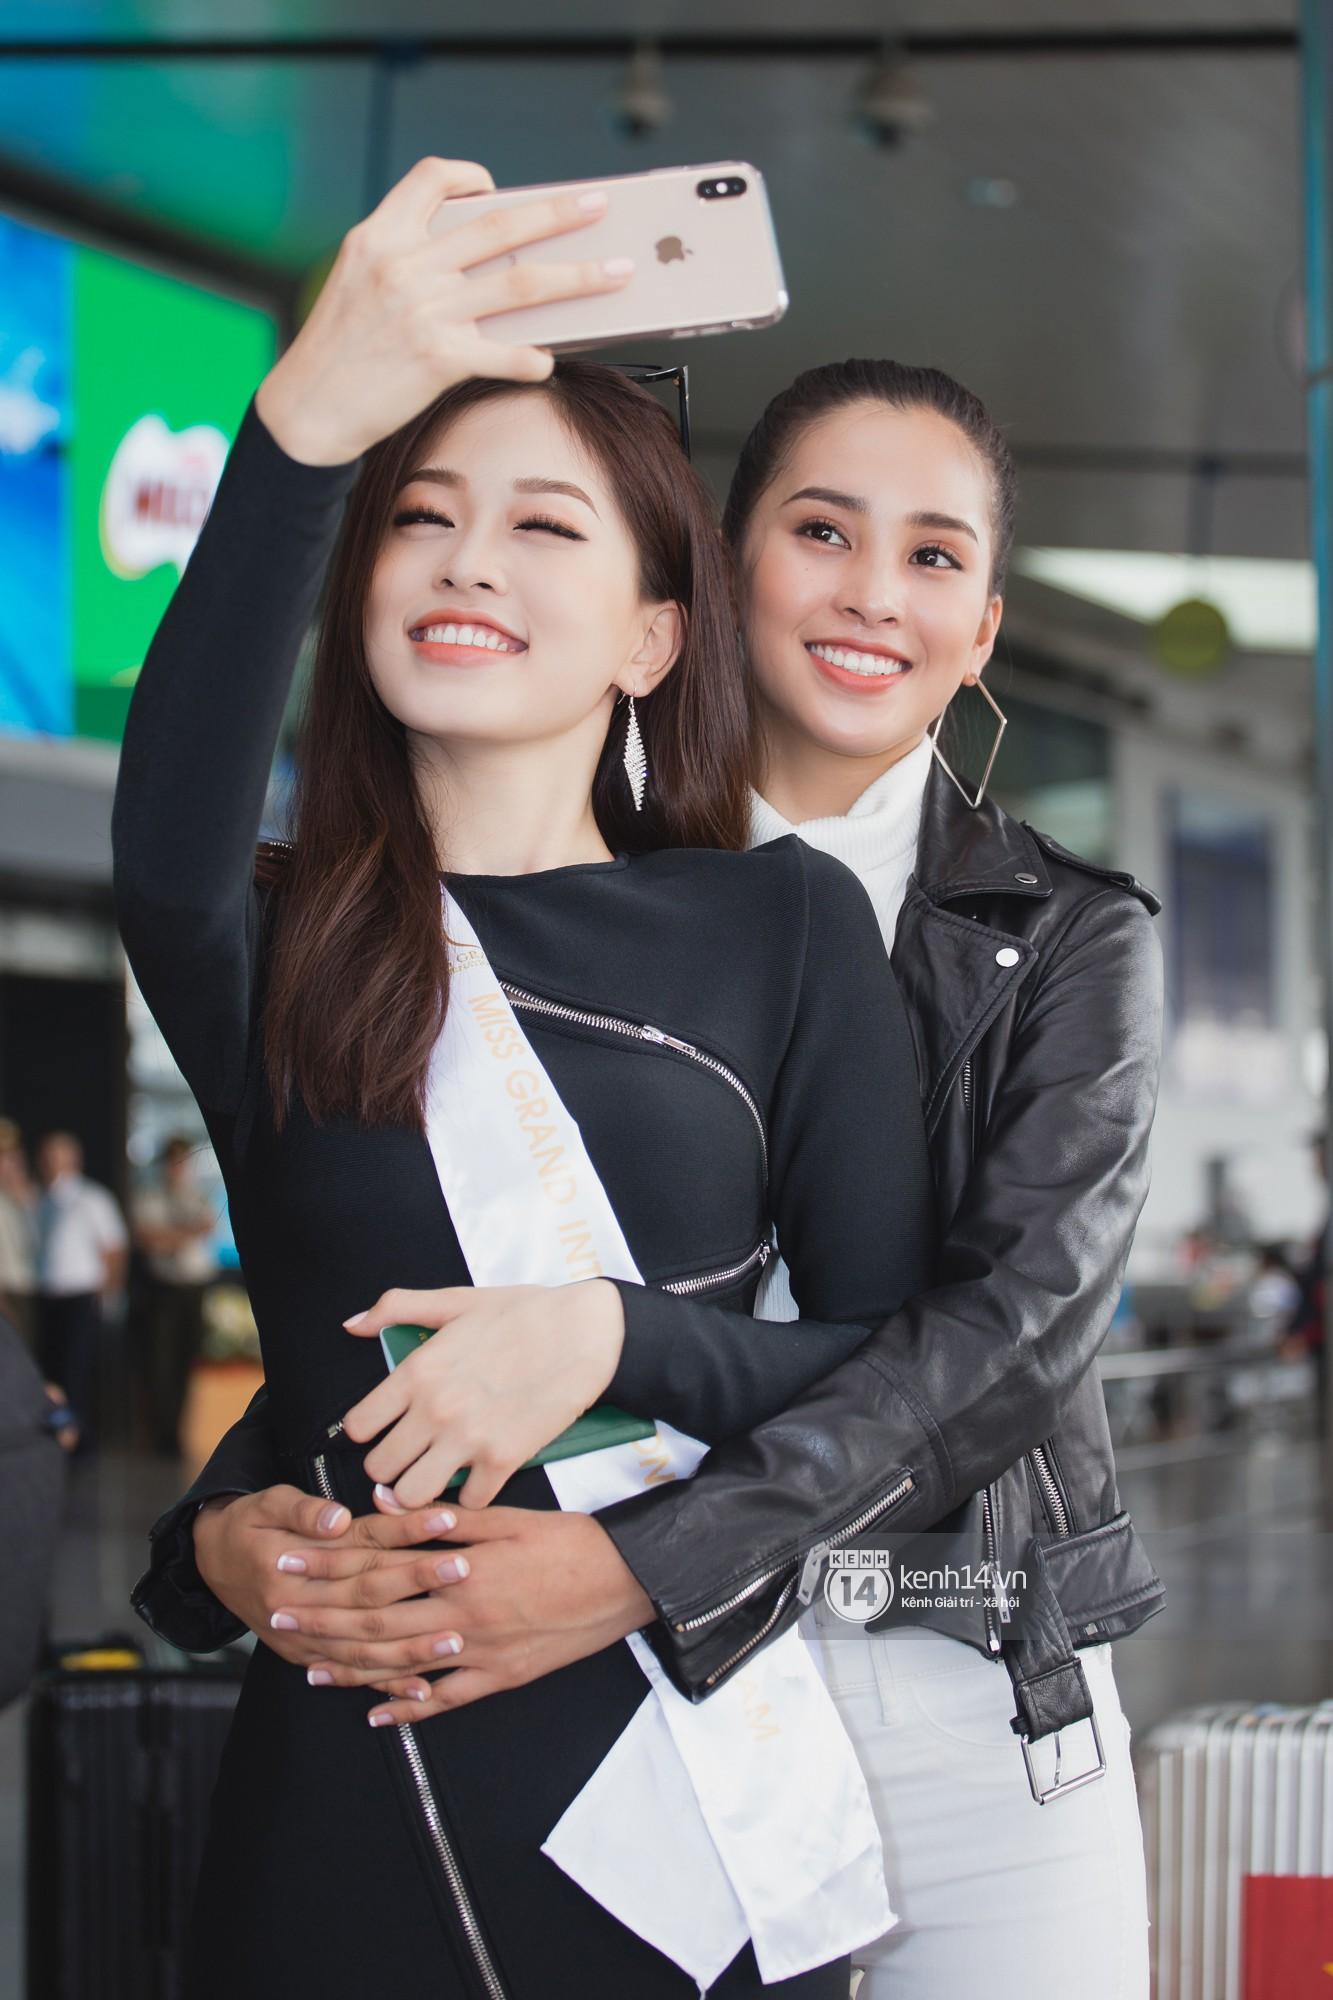 Vừa trở về từ Pháp tức thì, Trần Tiểu Vy ở lại sân bay tiễn Bùi Phương Nga đi Myanmar tham dự Hoa hậu Hoà bình Quốc tế - Ảnh 11.